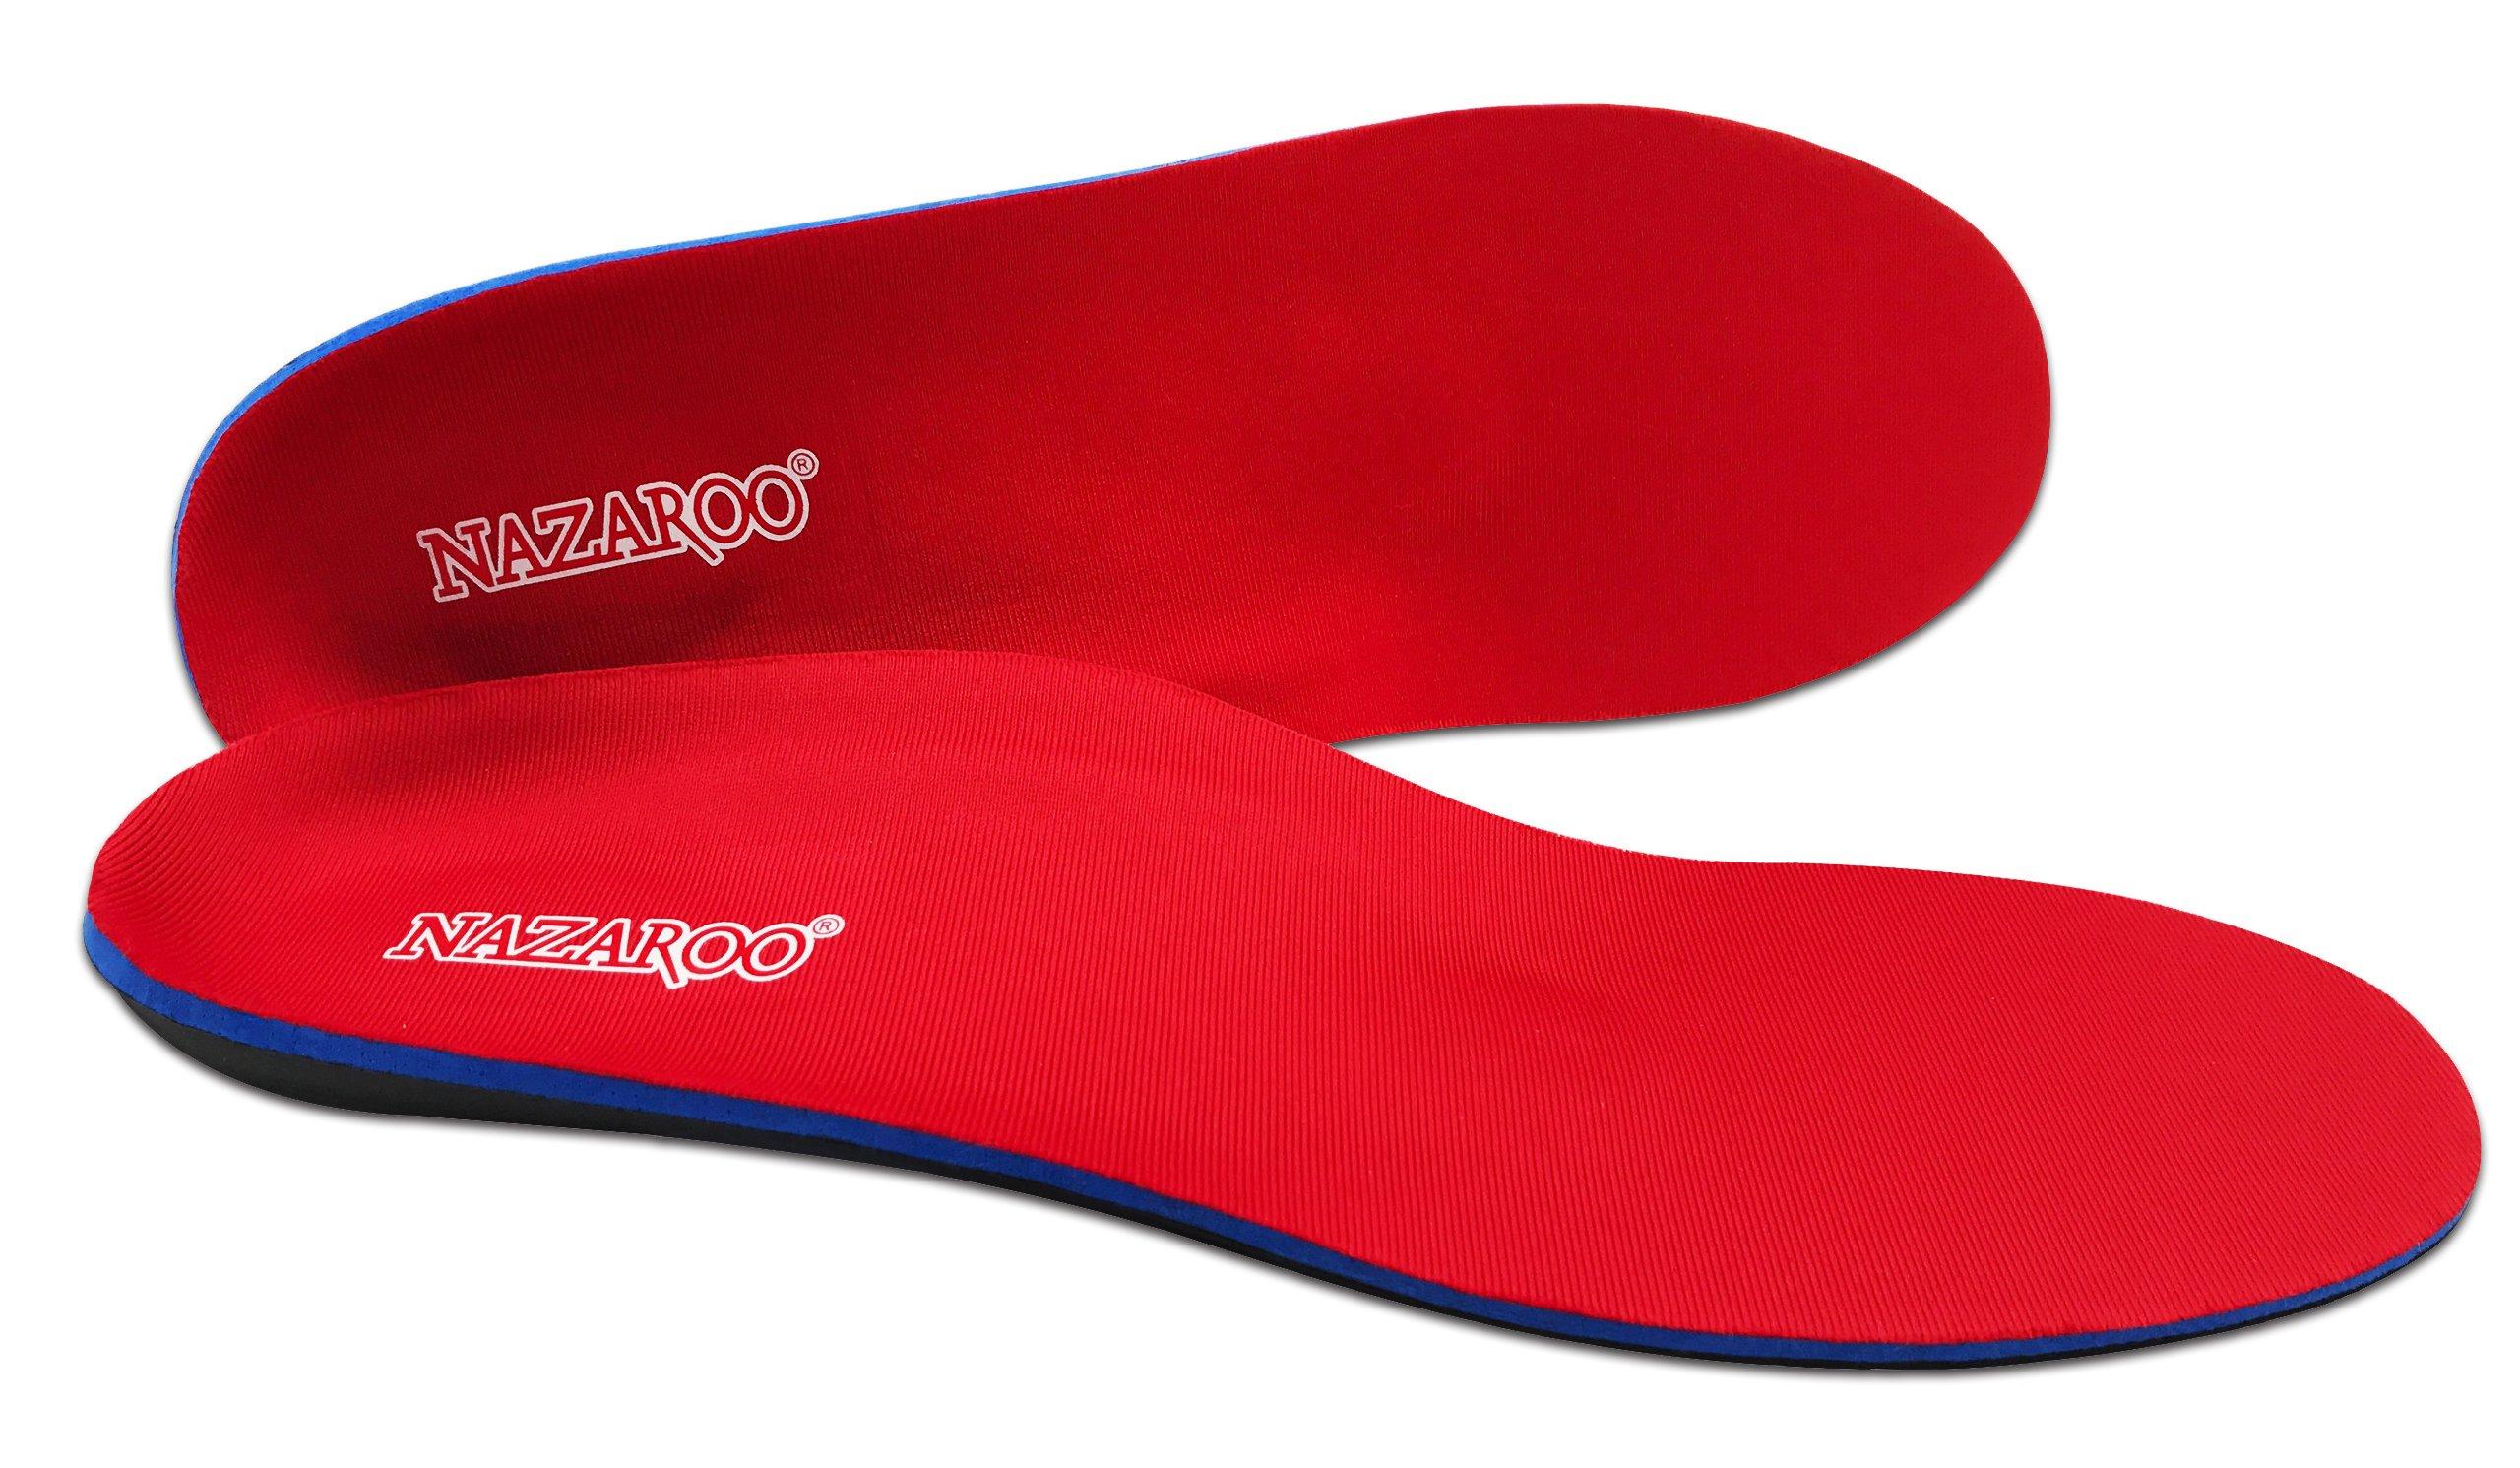 Amazon.com: Feetmat Orthotics Shoe Inserts for Flat Feet